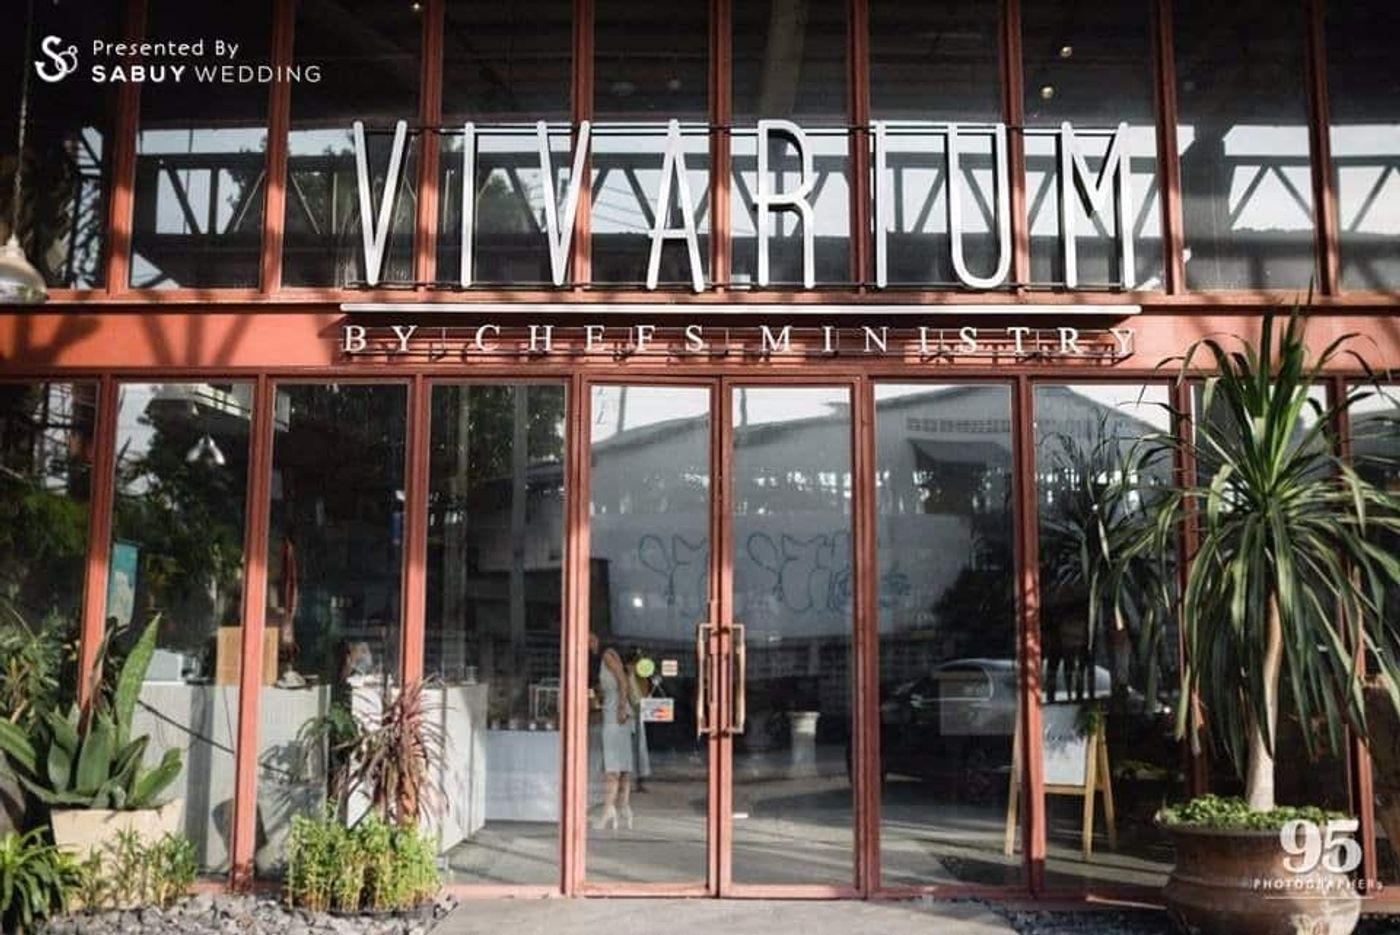 สถานที่แต่งงาน,สถานที่จัดงานแต่งงาน รีวิวงานแต่ง กิมมิคสนุกทุก Sequence ปังจนเพื่อนยังต้องยกนิ้ว @Vivarium by Chef Ministry